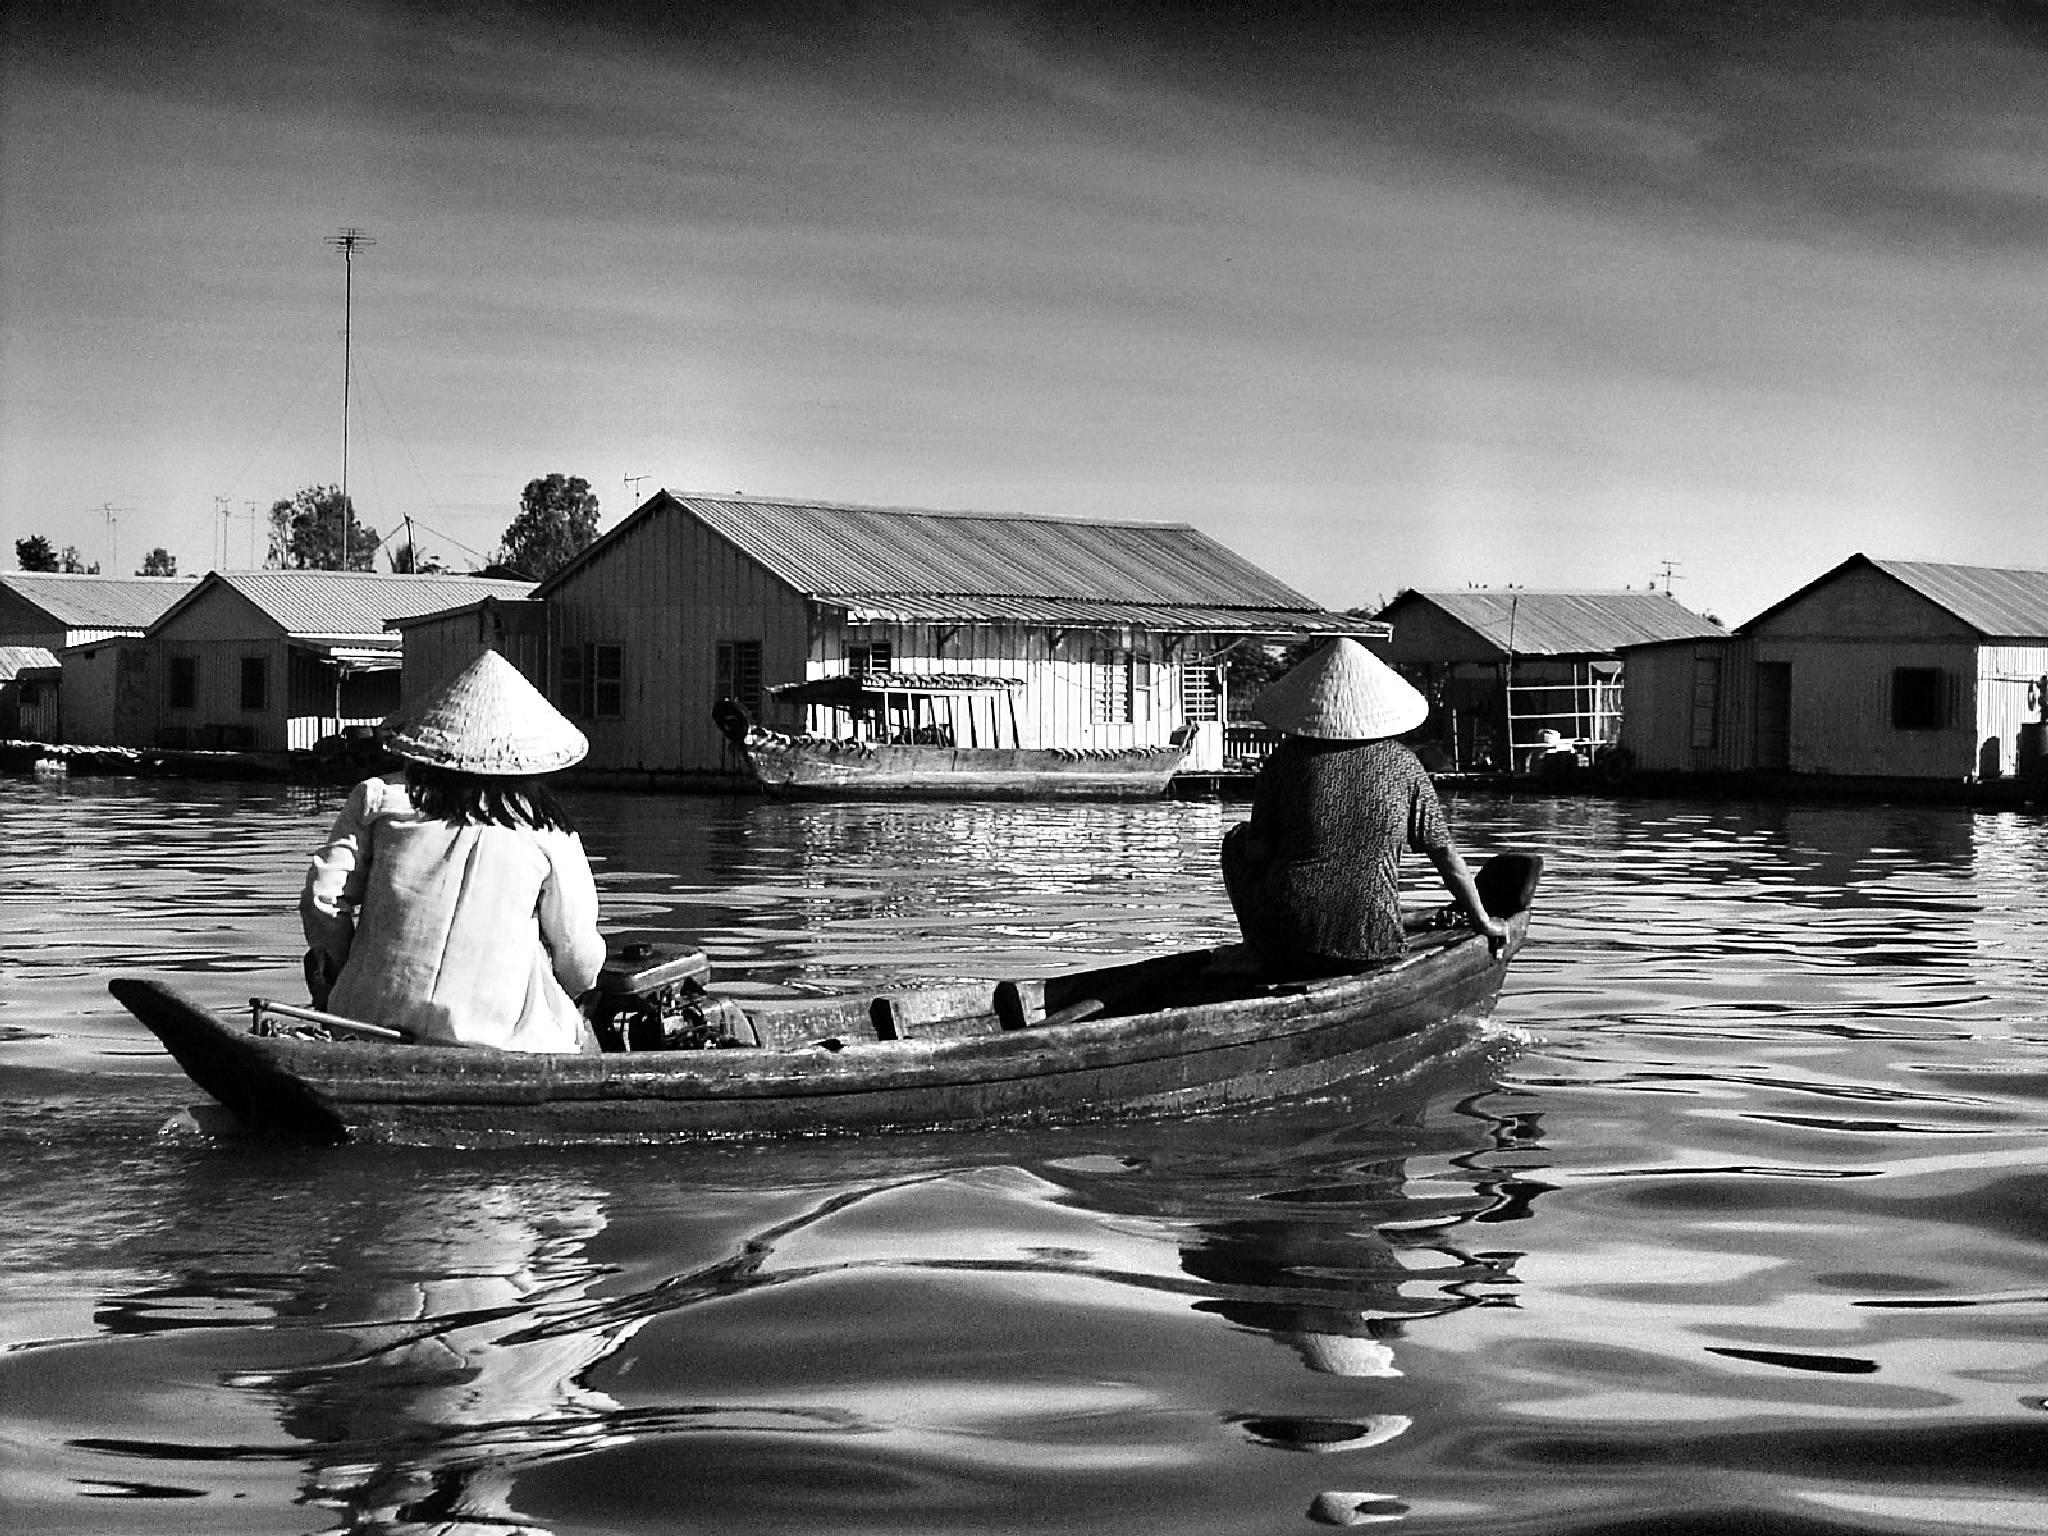 Vietnam by MarkCheah